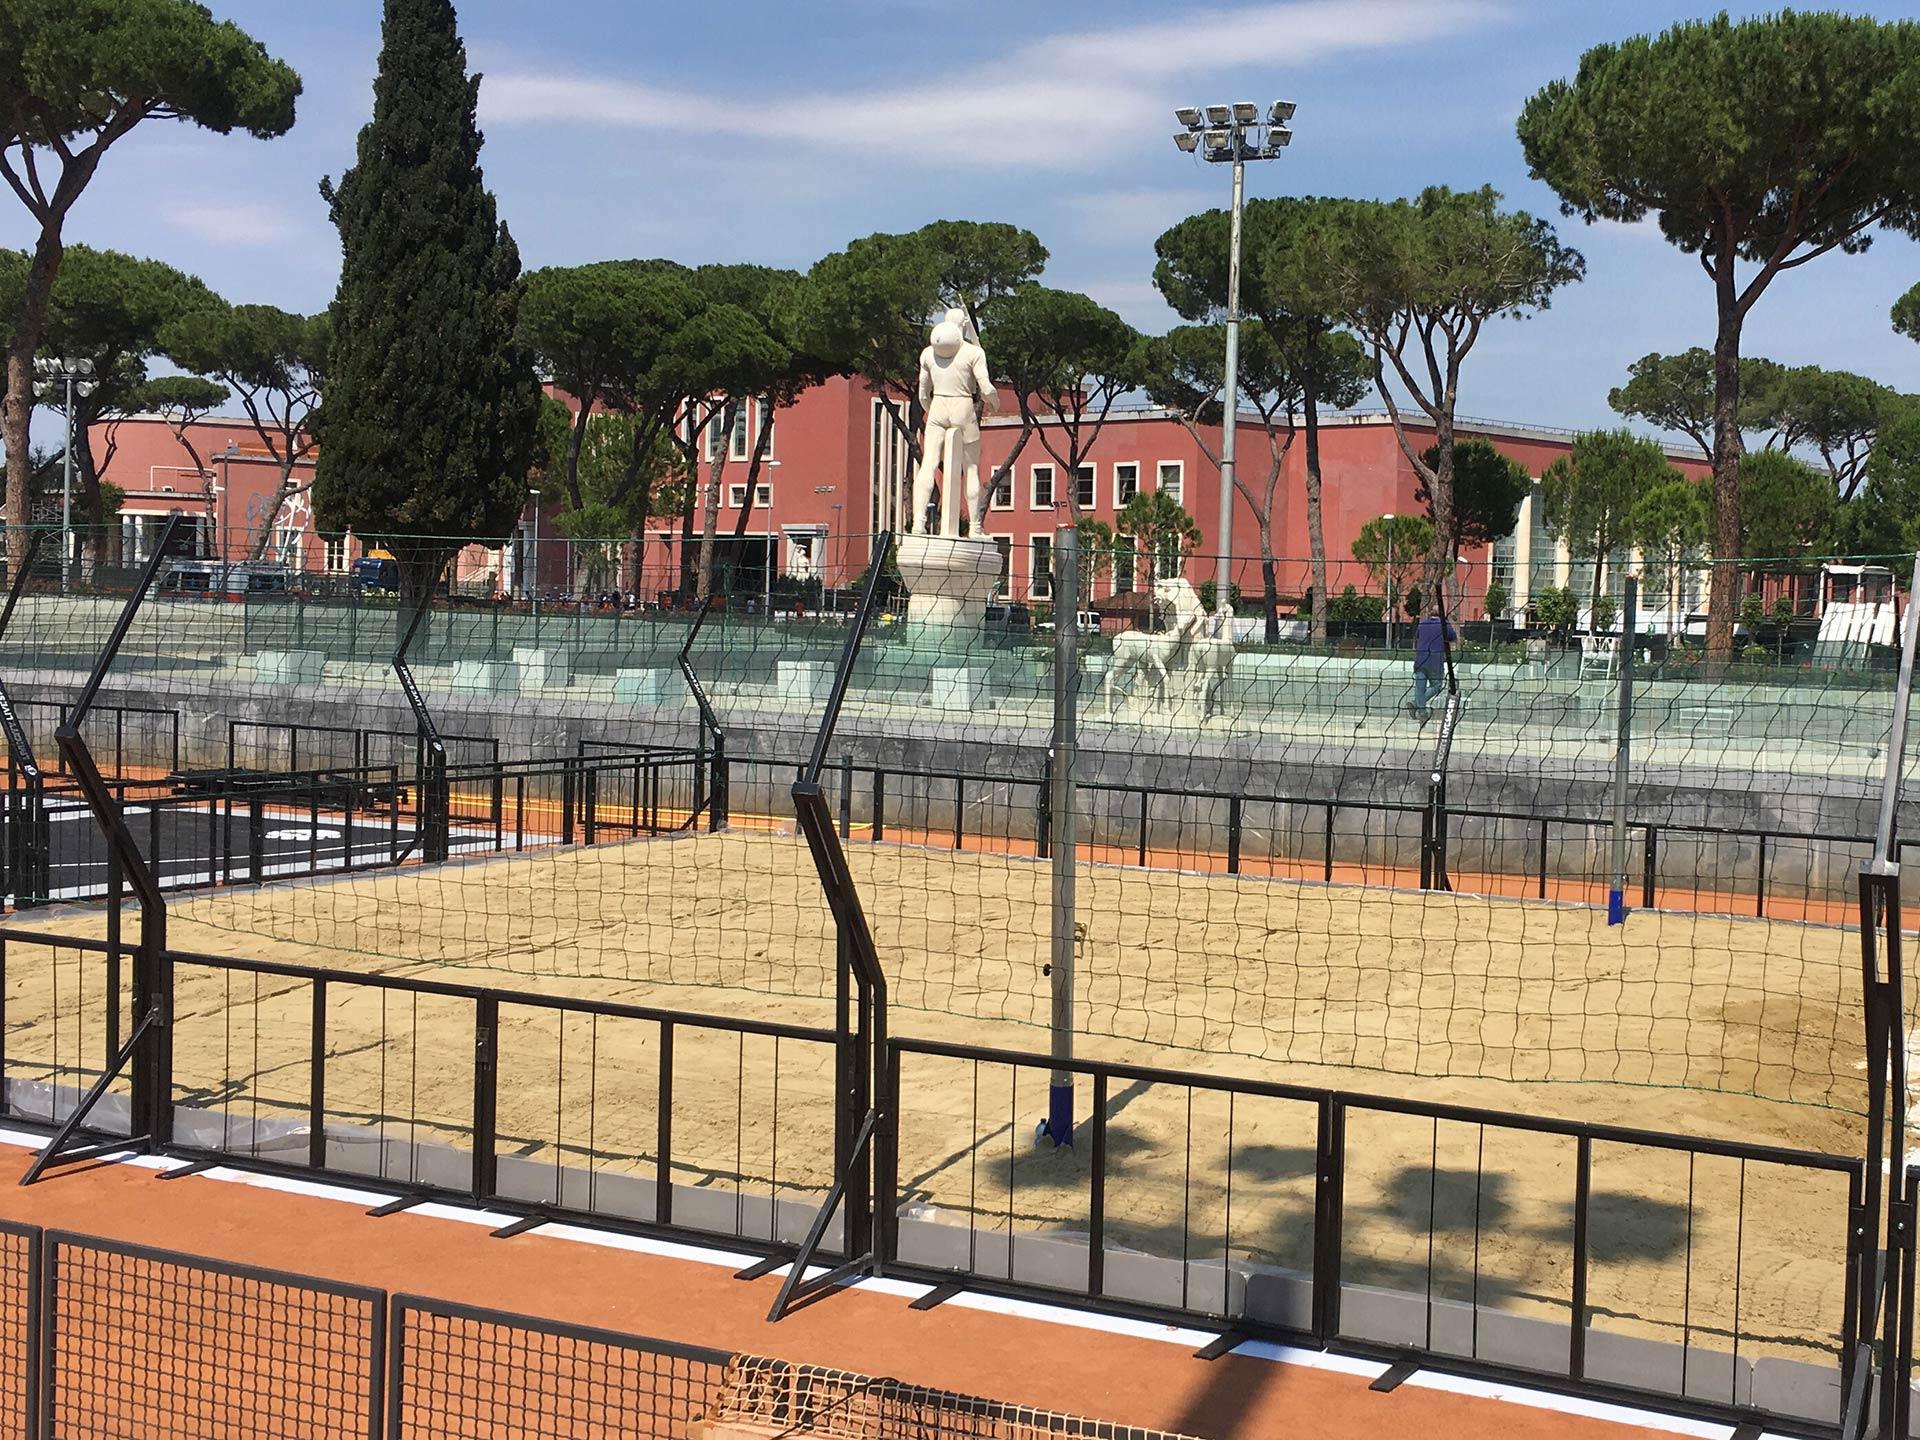 Transenne di contenimento Beach volley -Noleggiocampi.it